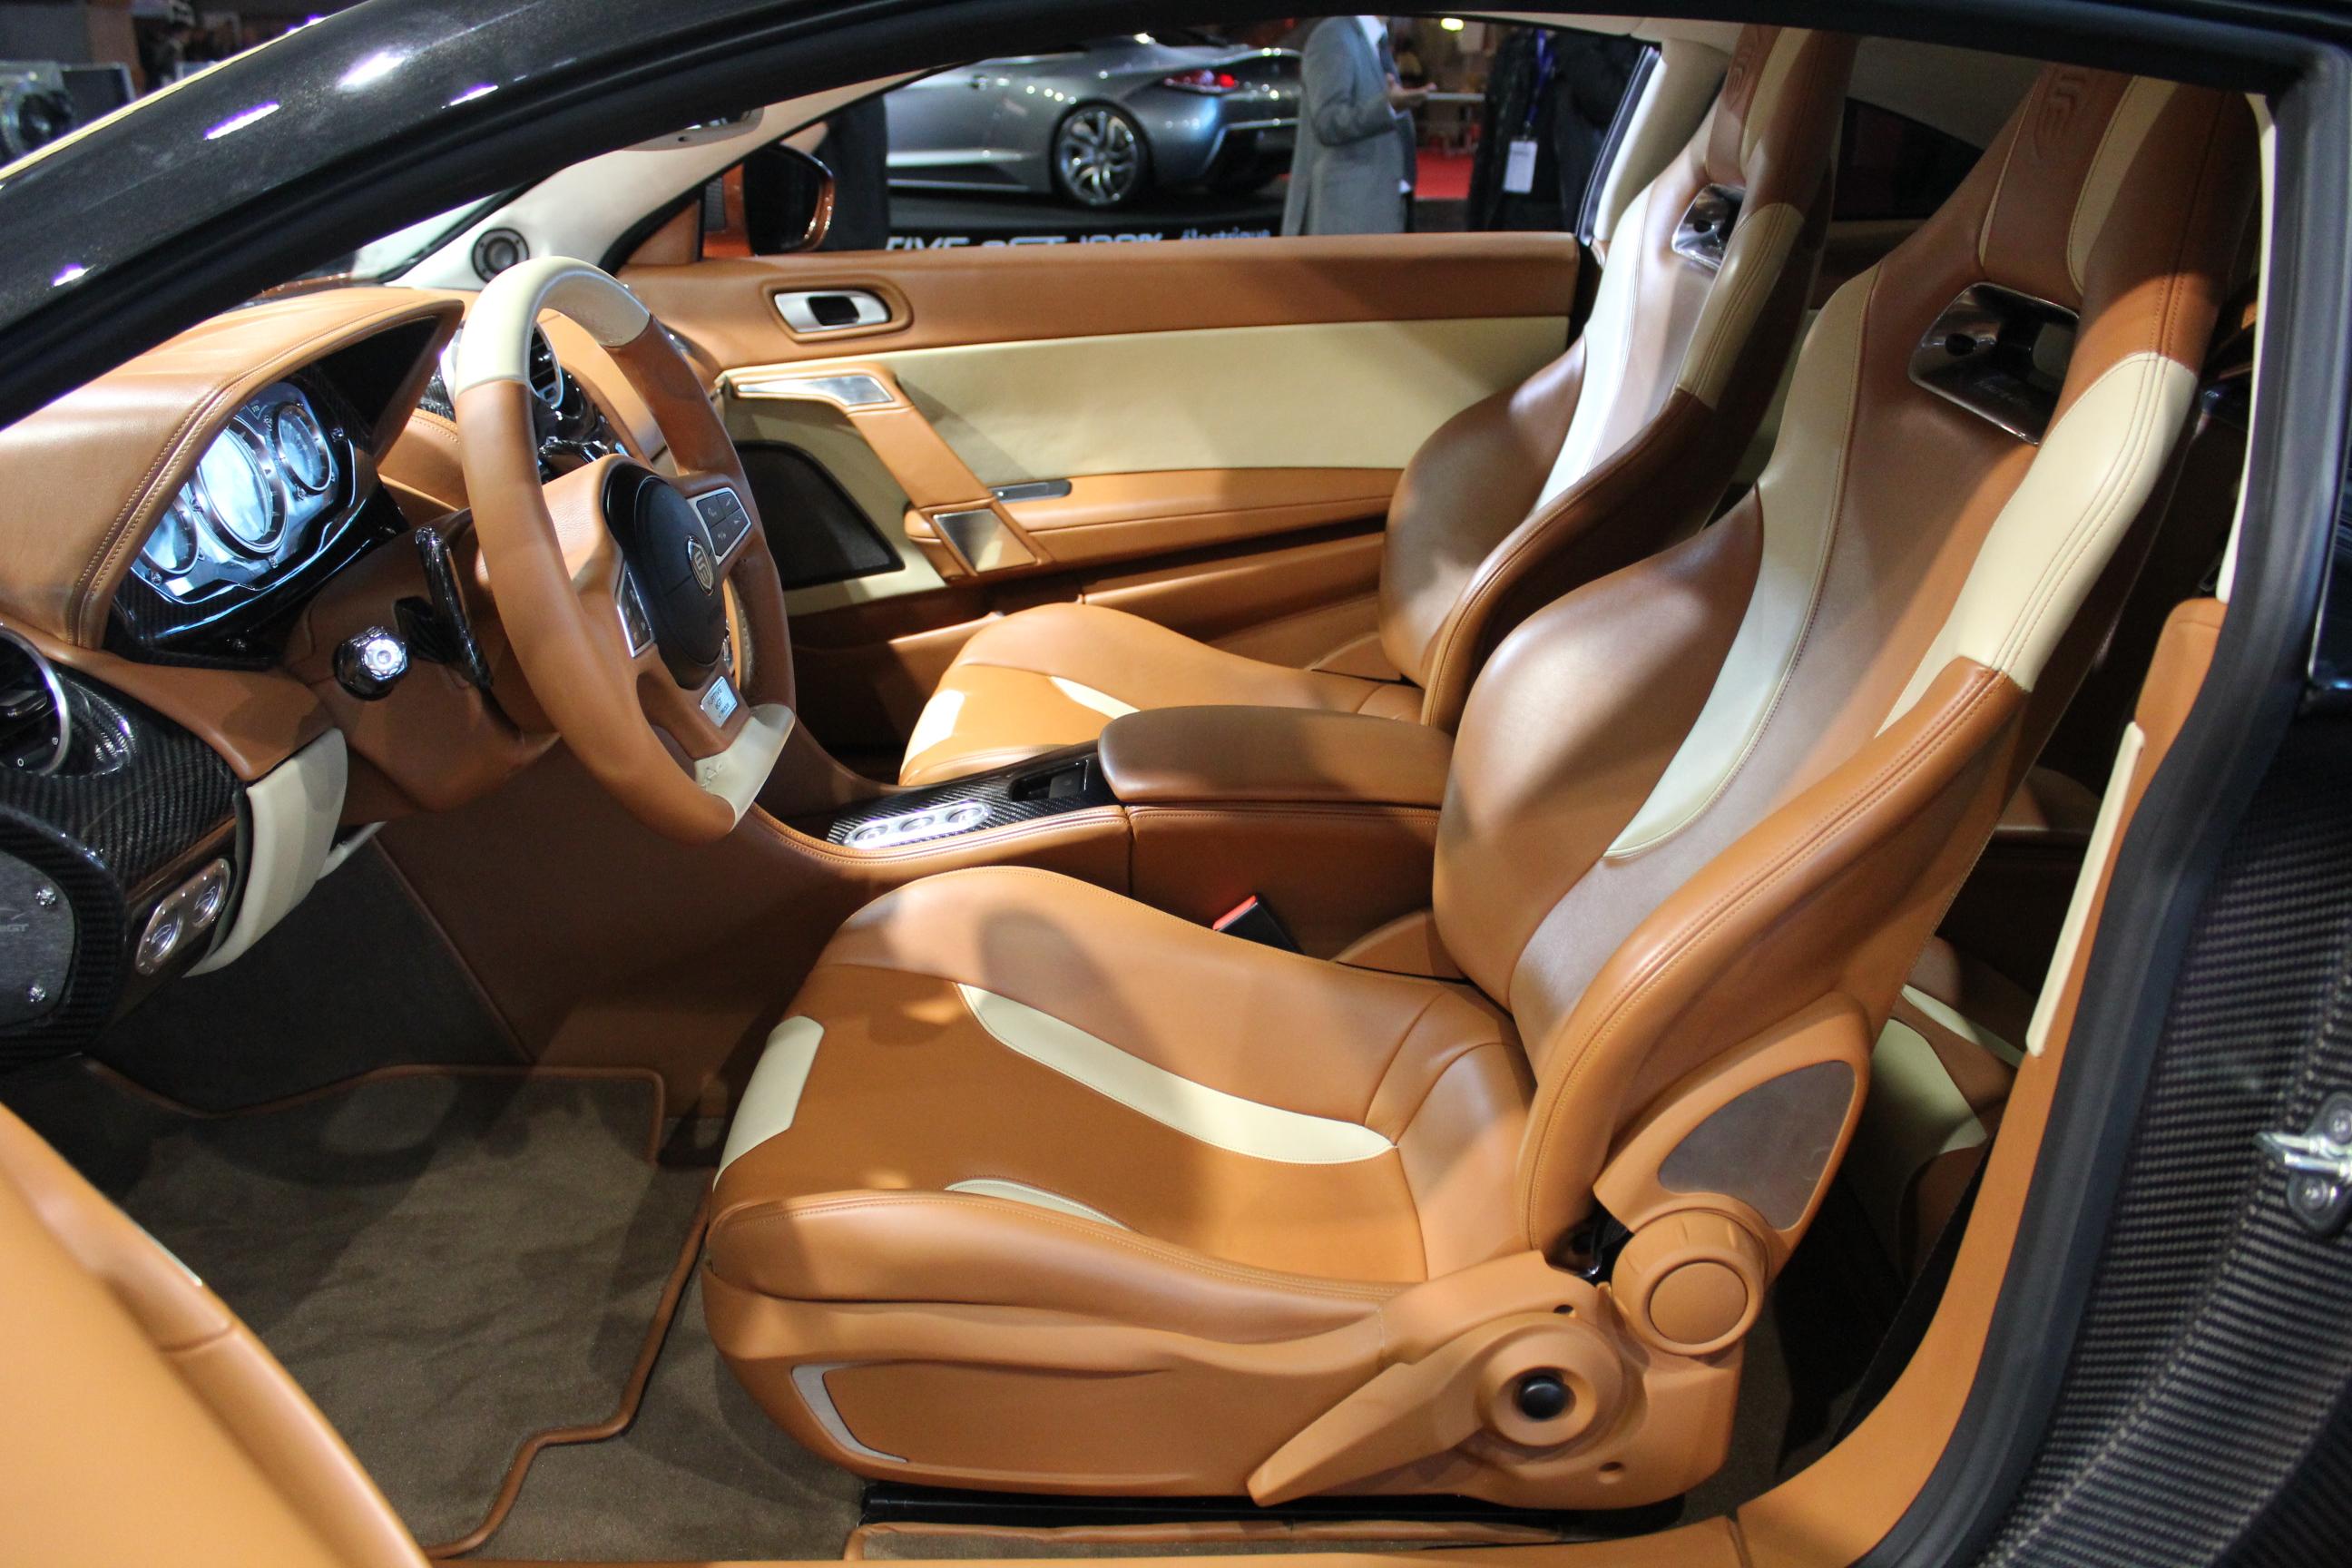 http://images.caradisiac.com/images/1/3/7/5/81375/S0-En-direct-du-Mondial-2012-Exagon-Motors-Furtive-e-GT-une-Fisker-Karma-a-la-francaise-274413.jpg